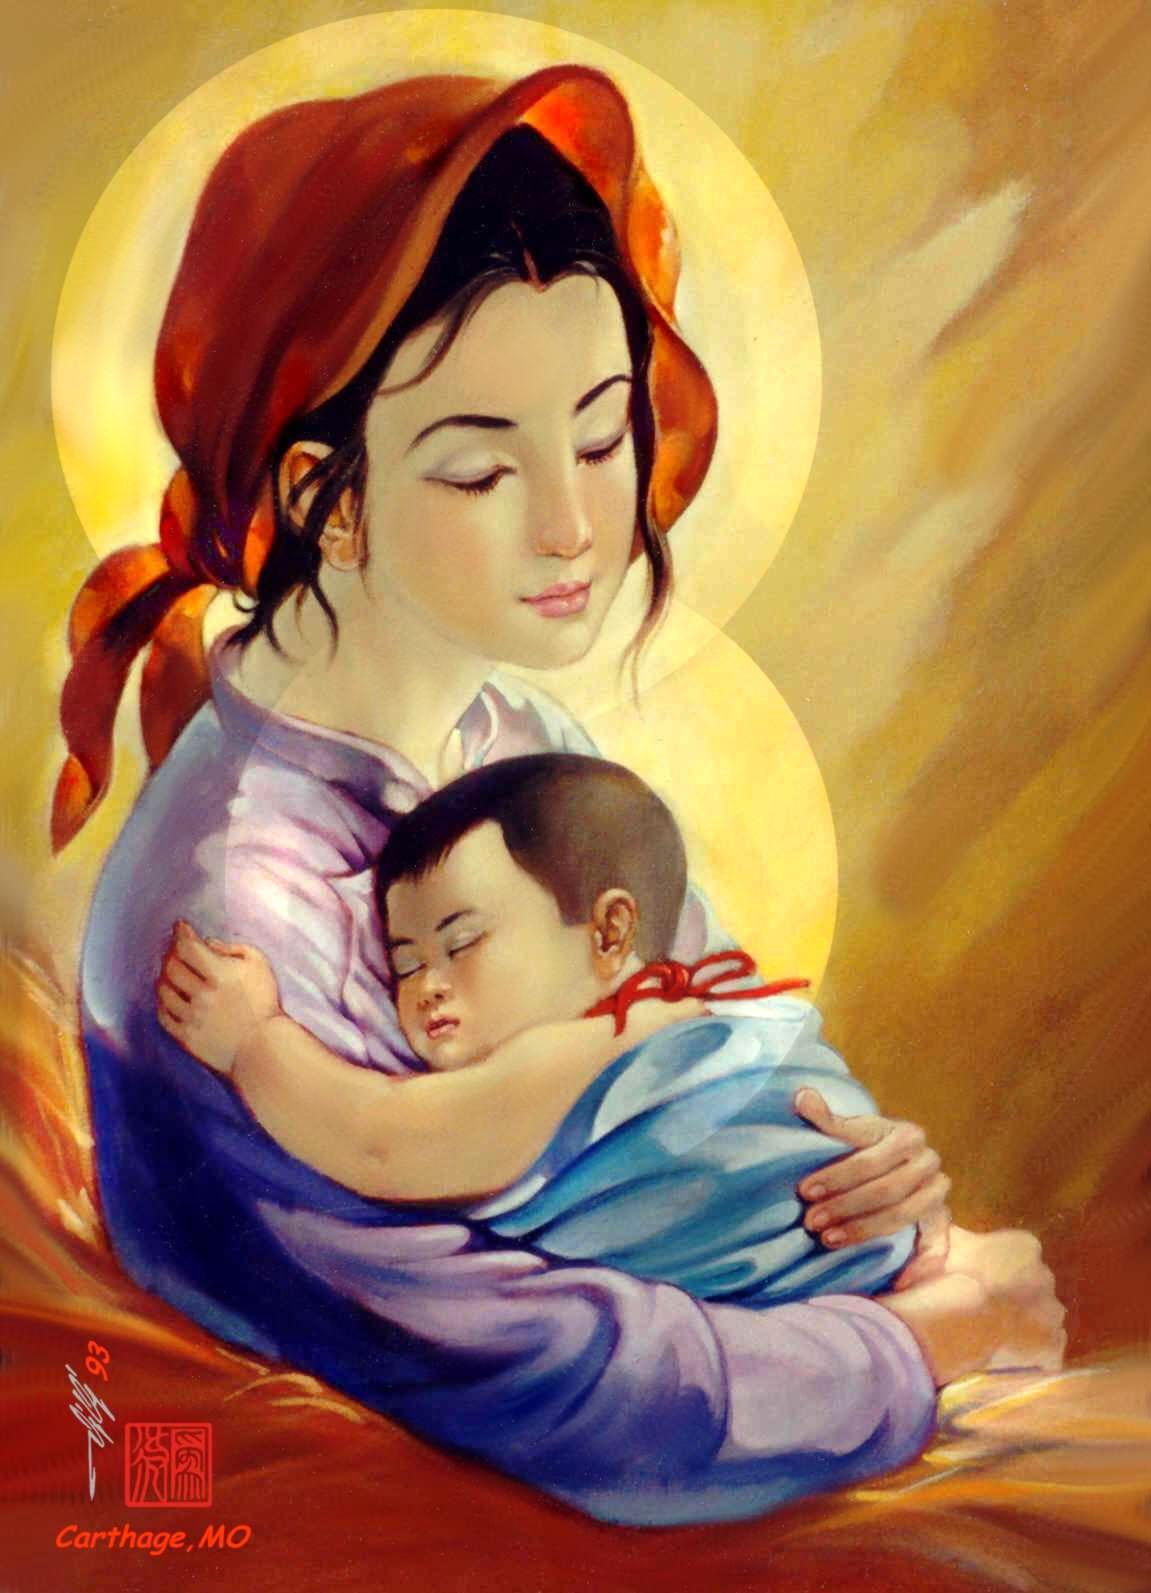 Lời bài hát Bài ca phụ nữ Việt Nam: Người phụ nữ qua mọi